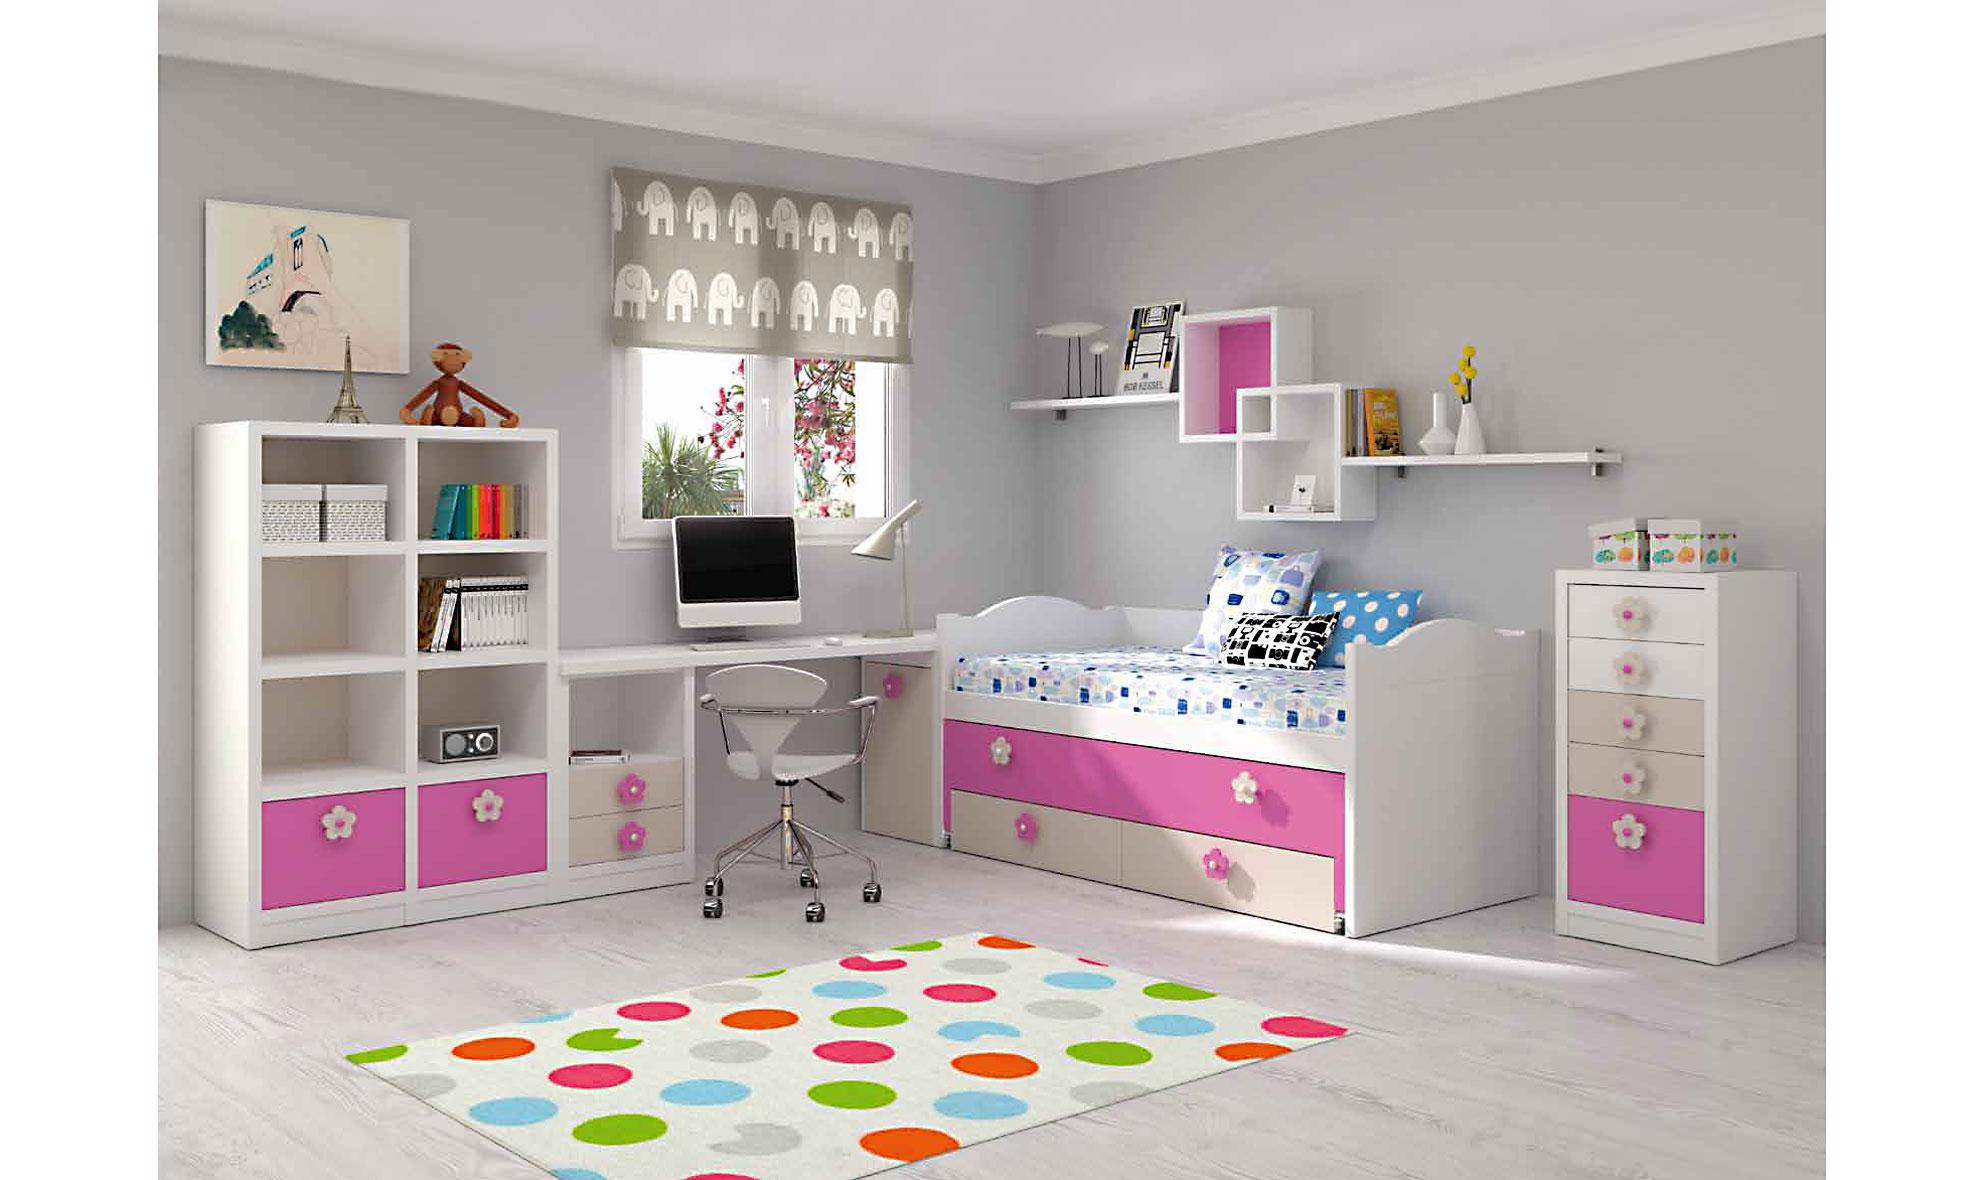 Habitación infantil Lucia en Portobellostreetes